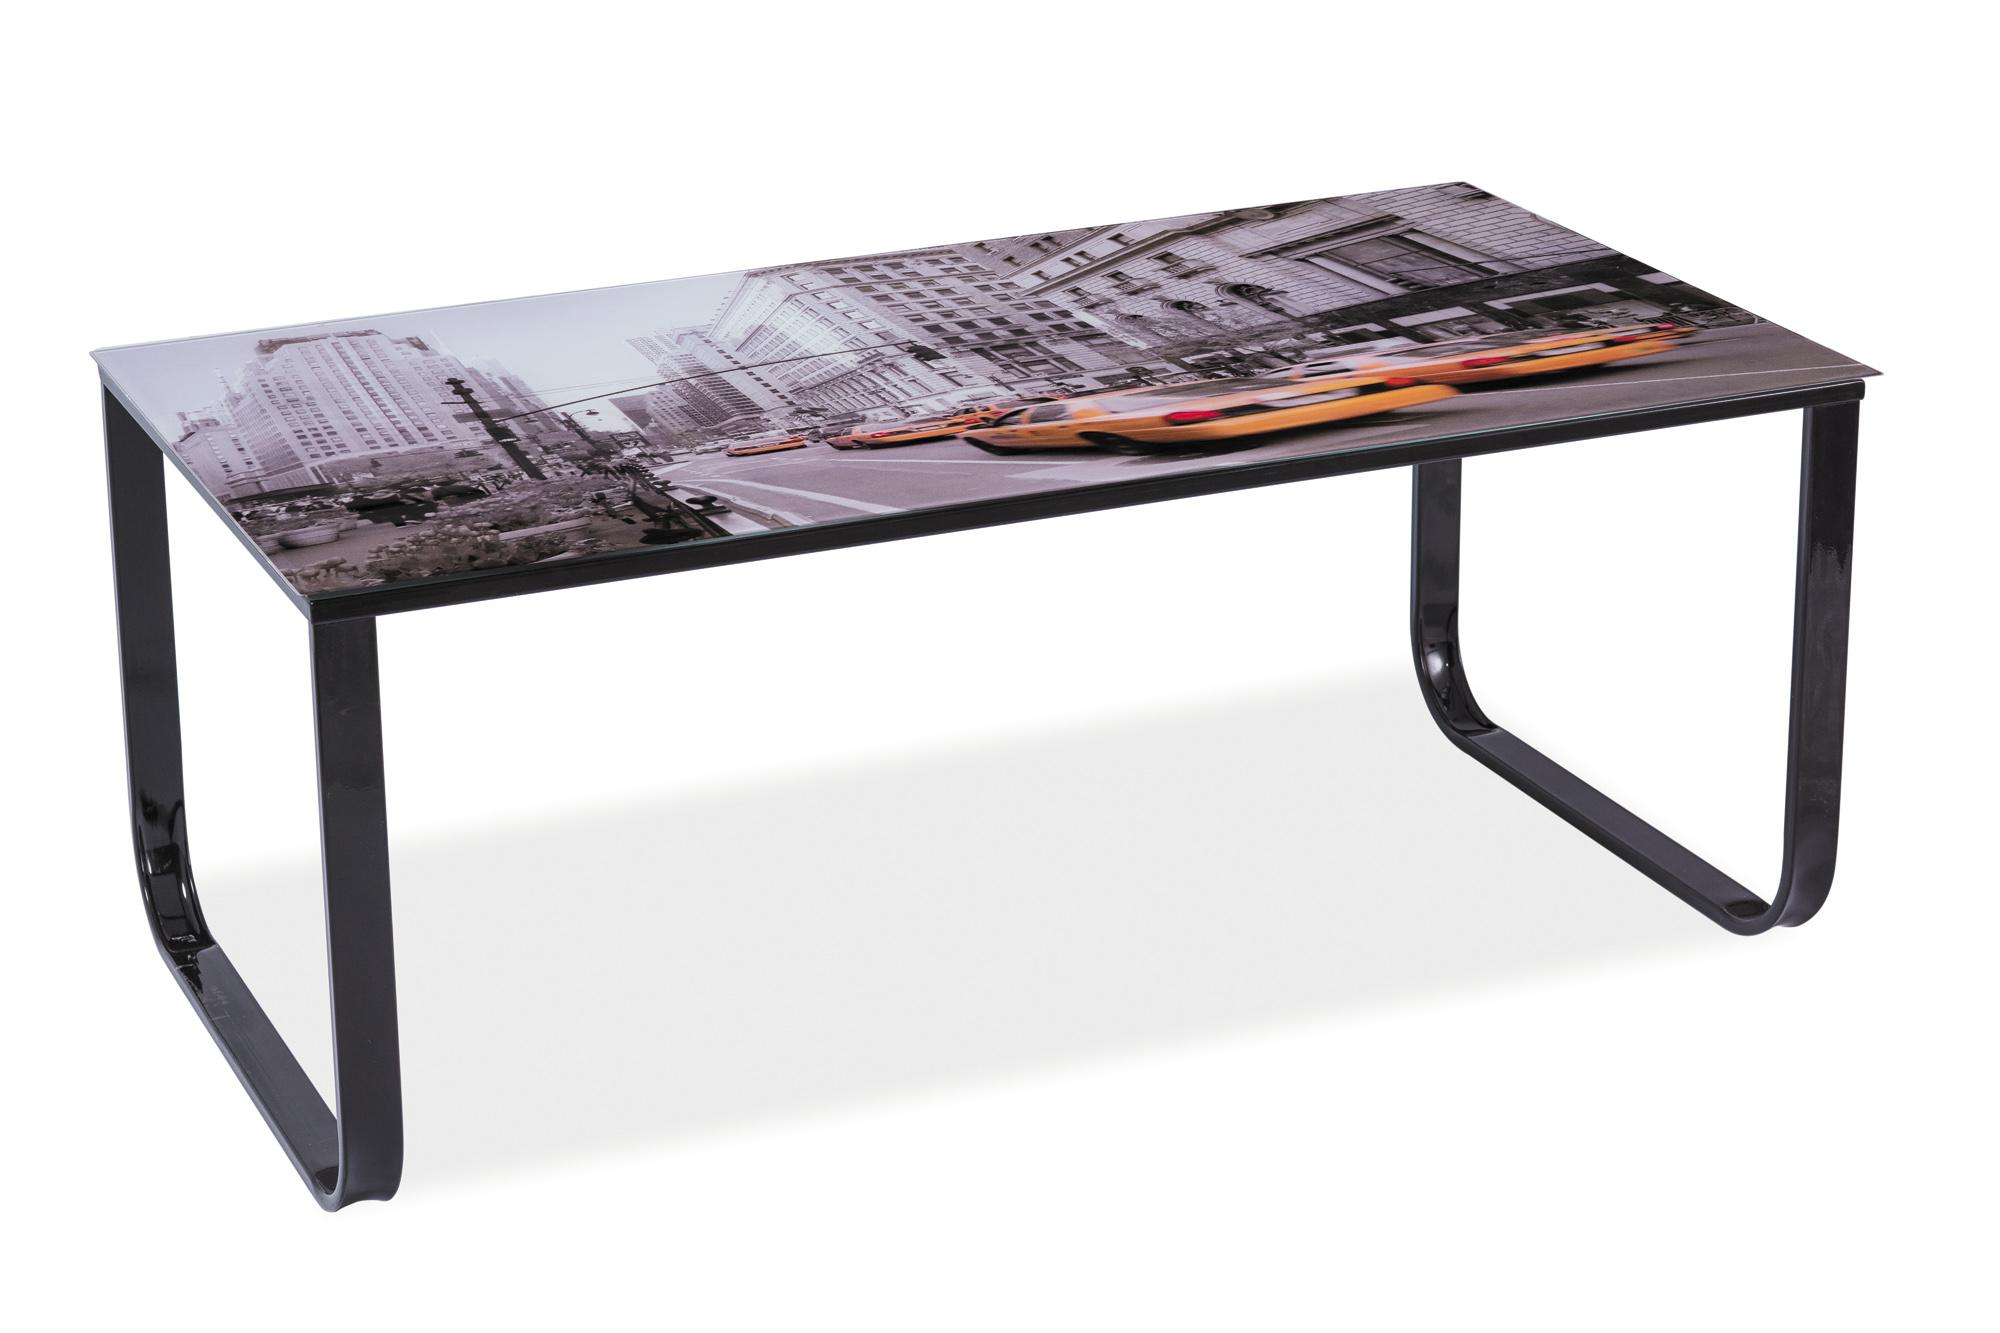 Konferenční stolek - Signal - Taxi II (černá + grafika New York)